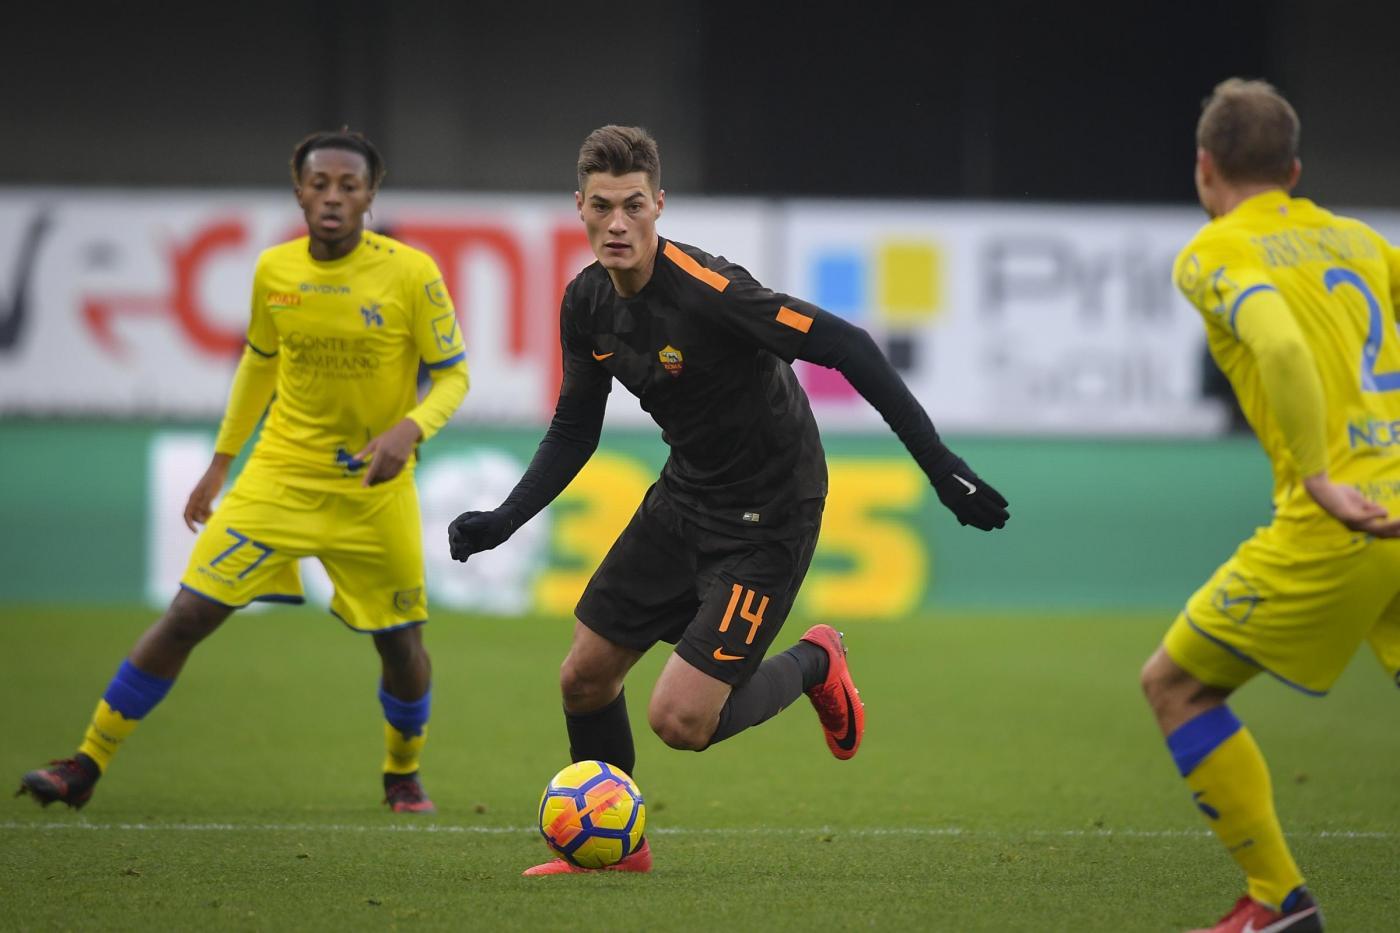 Caso Schick, Canovi: 'Comportamento moggiano, la Juve se ne pentirà'